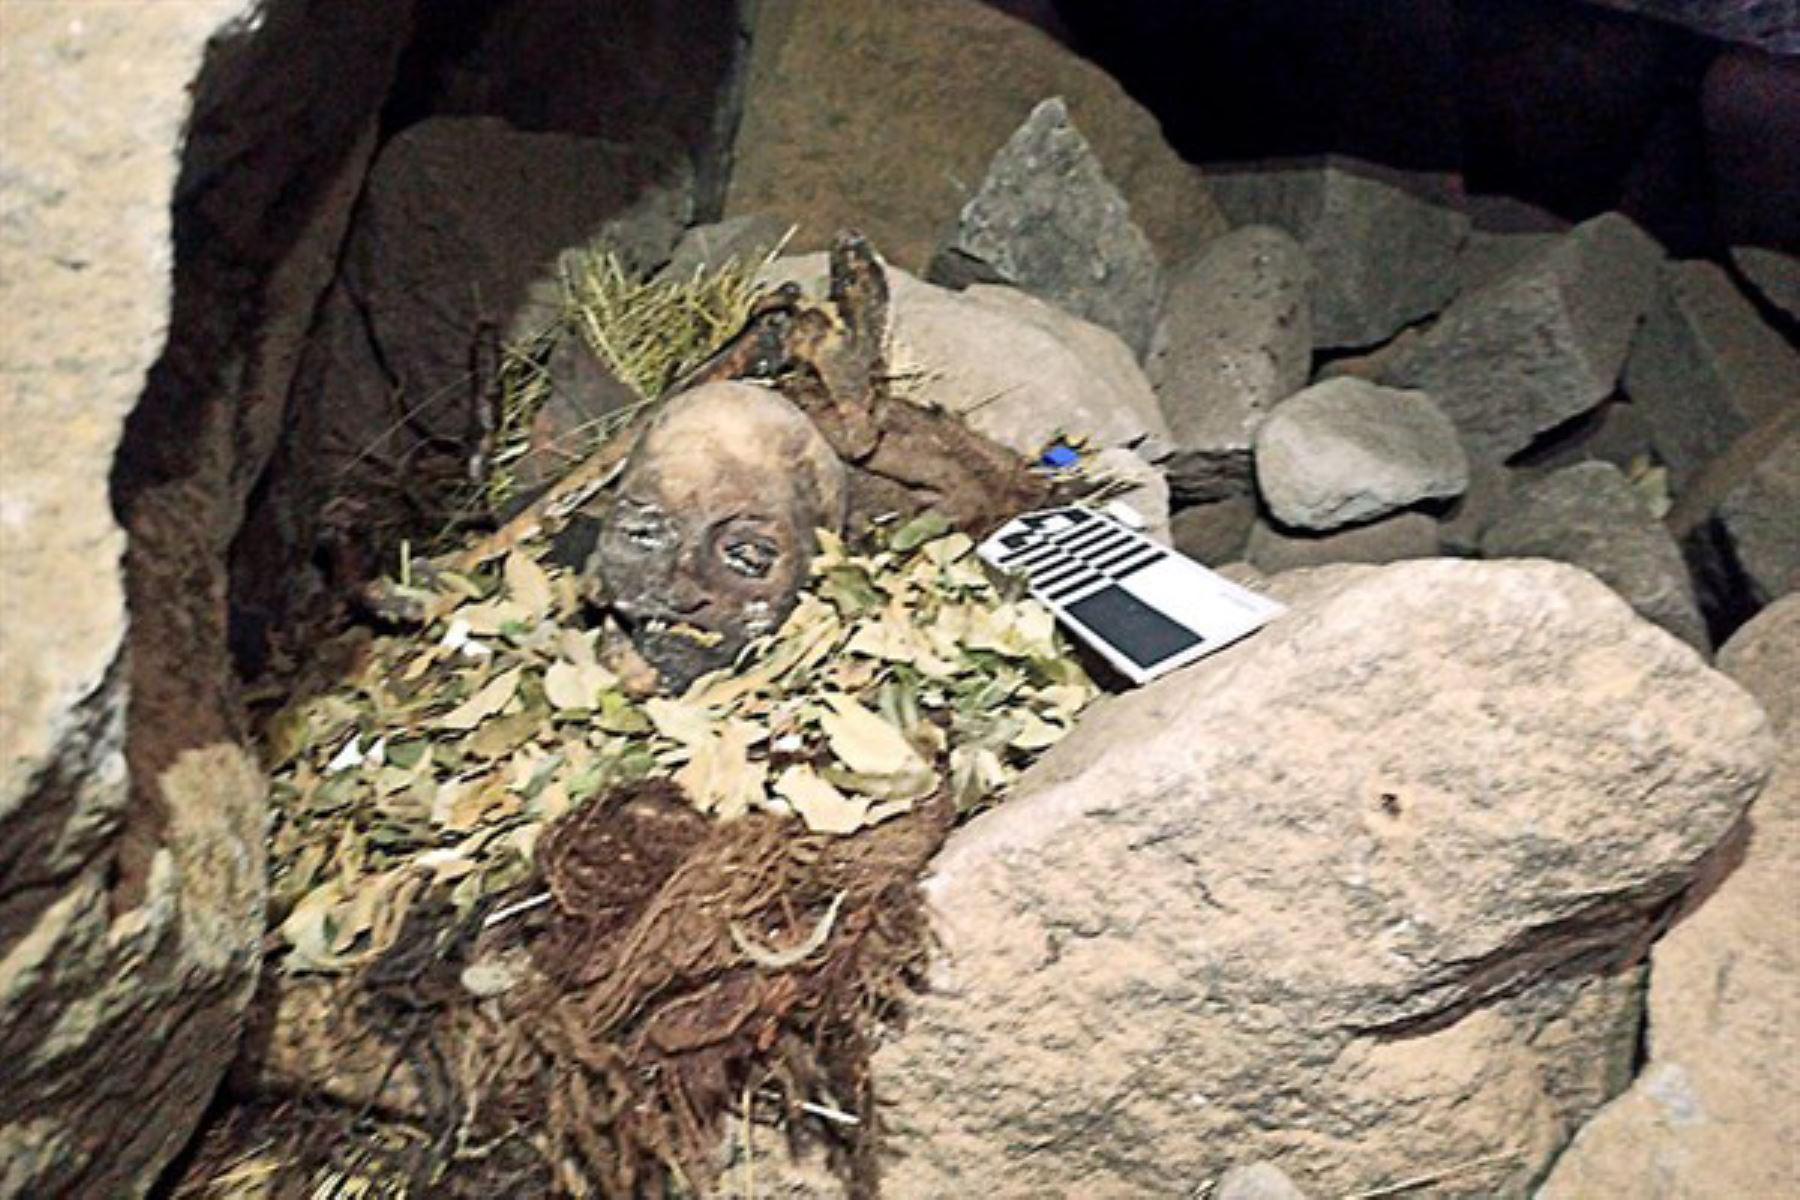 Pasco: hallan momias de sacrificios prehispánicos hechos como pagos en Bosque de Huayllay